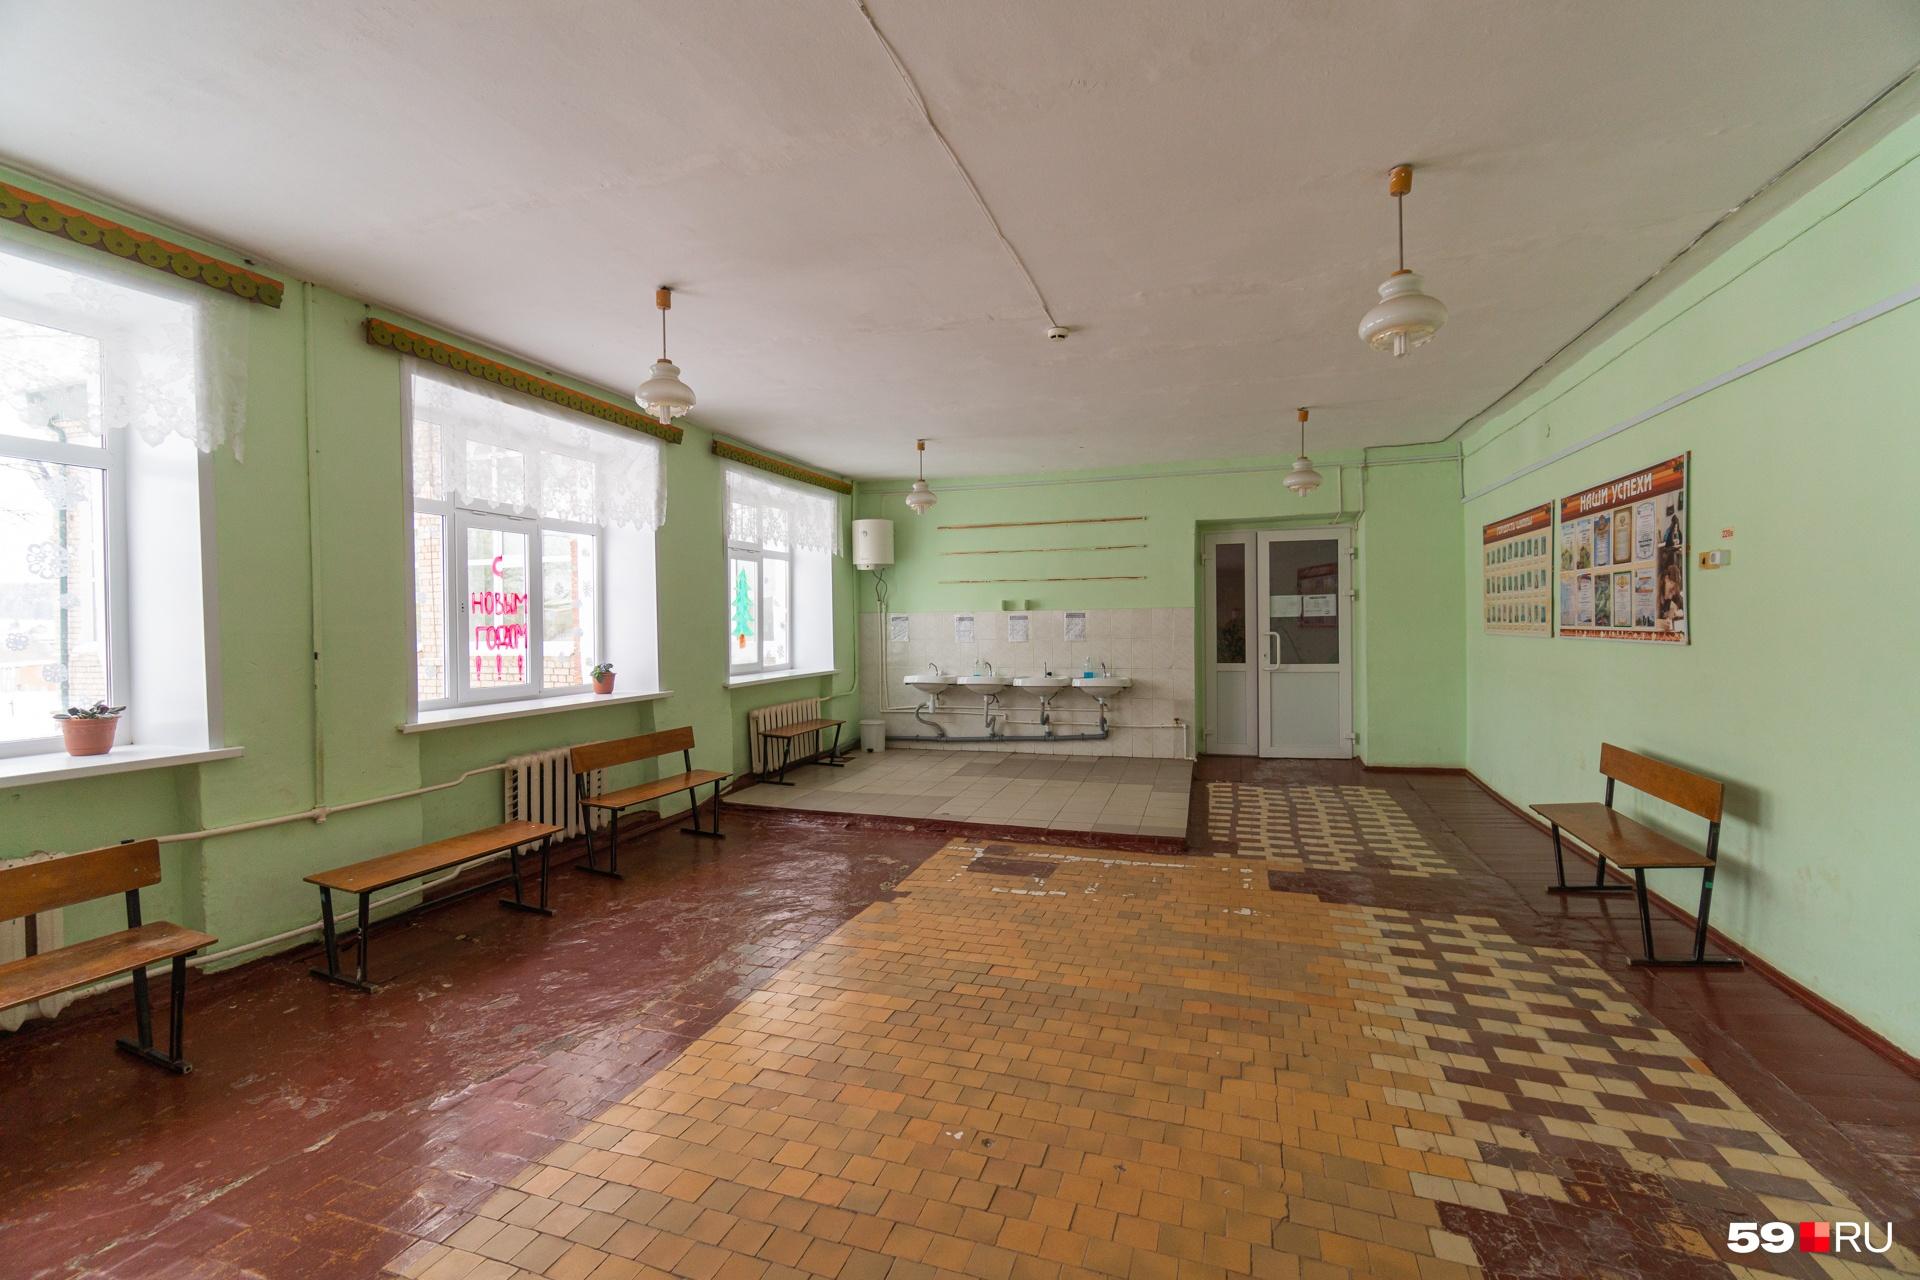 Школе около 70 лет, здание требует ремонта